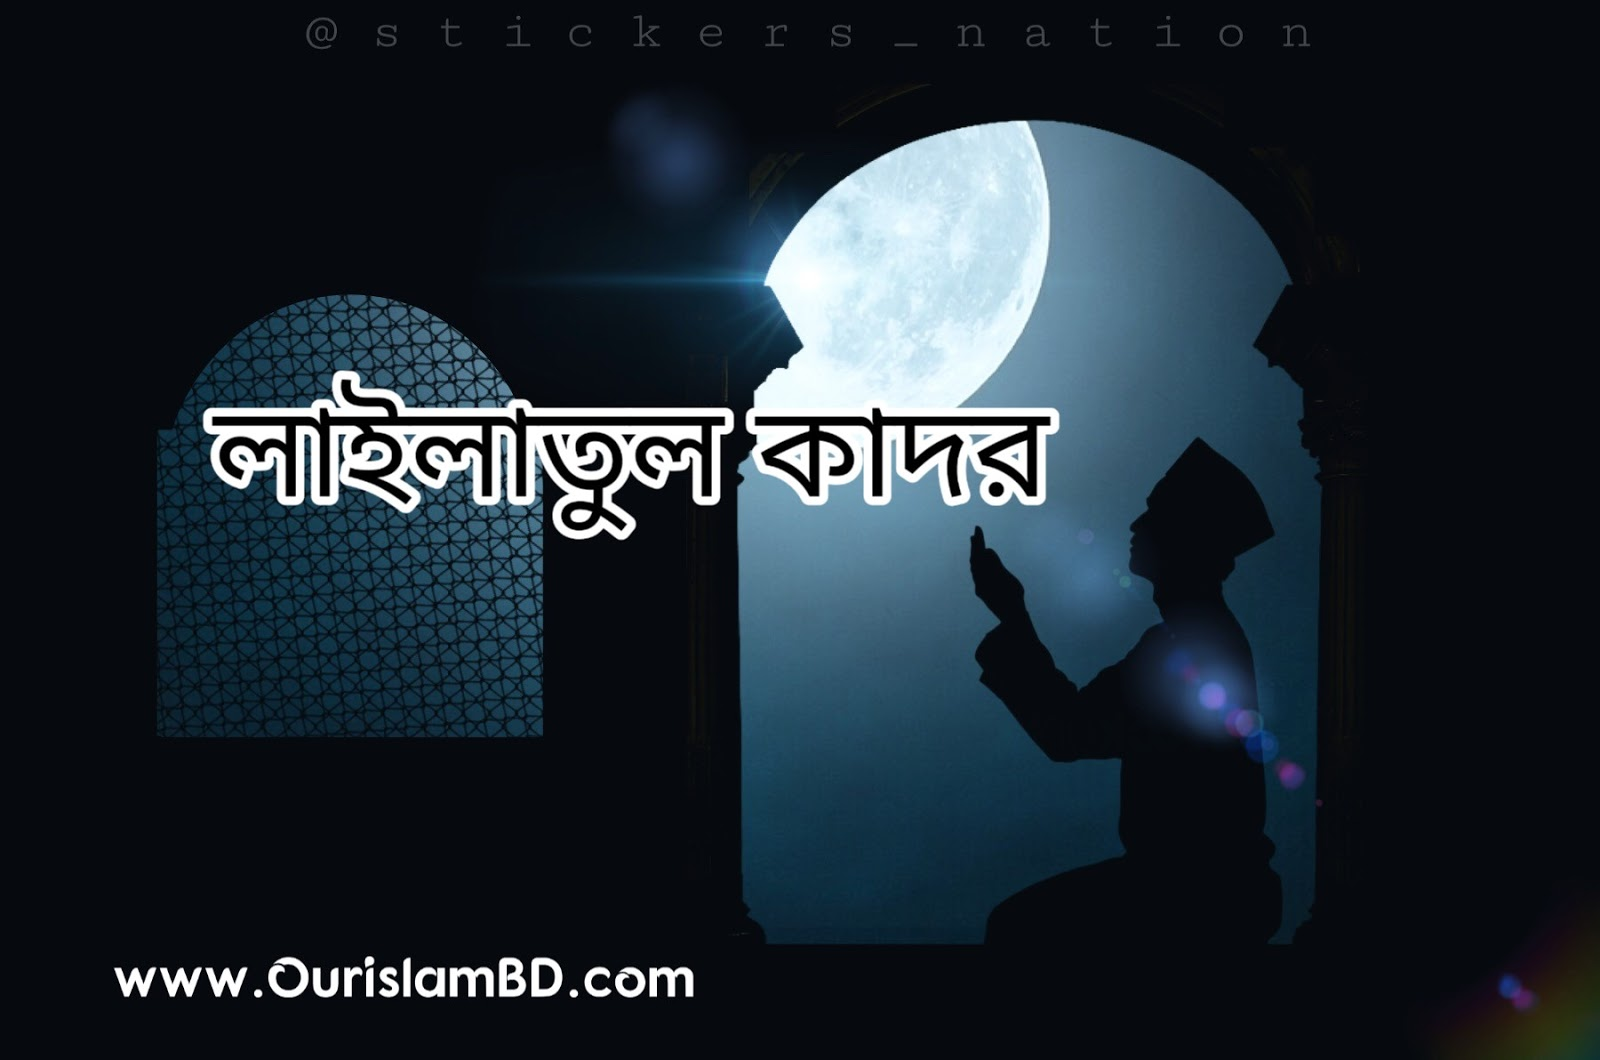 রমাদানের উপহার - লাইলাতুল কাদর - ourislamBD.com